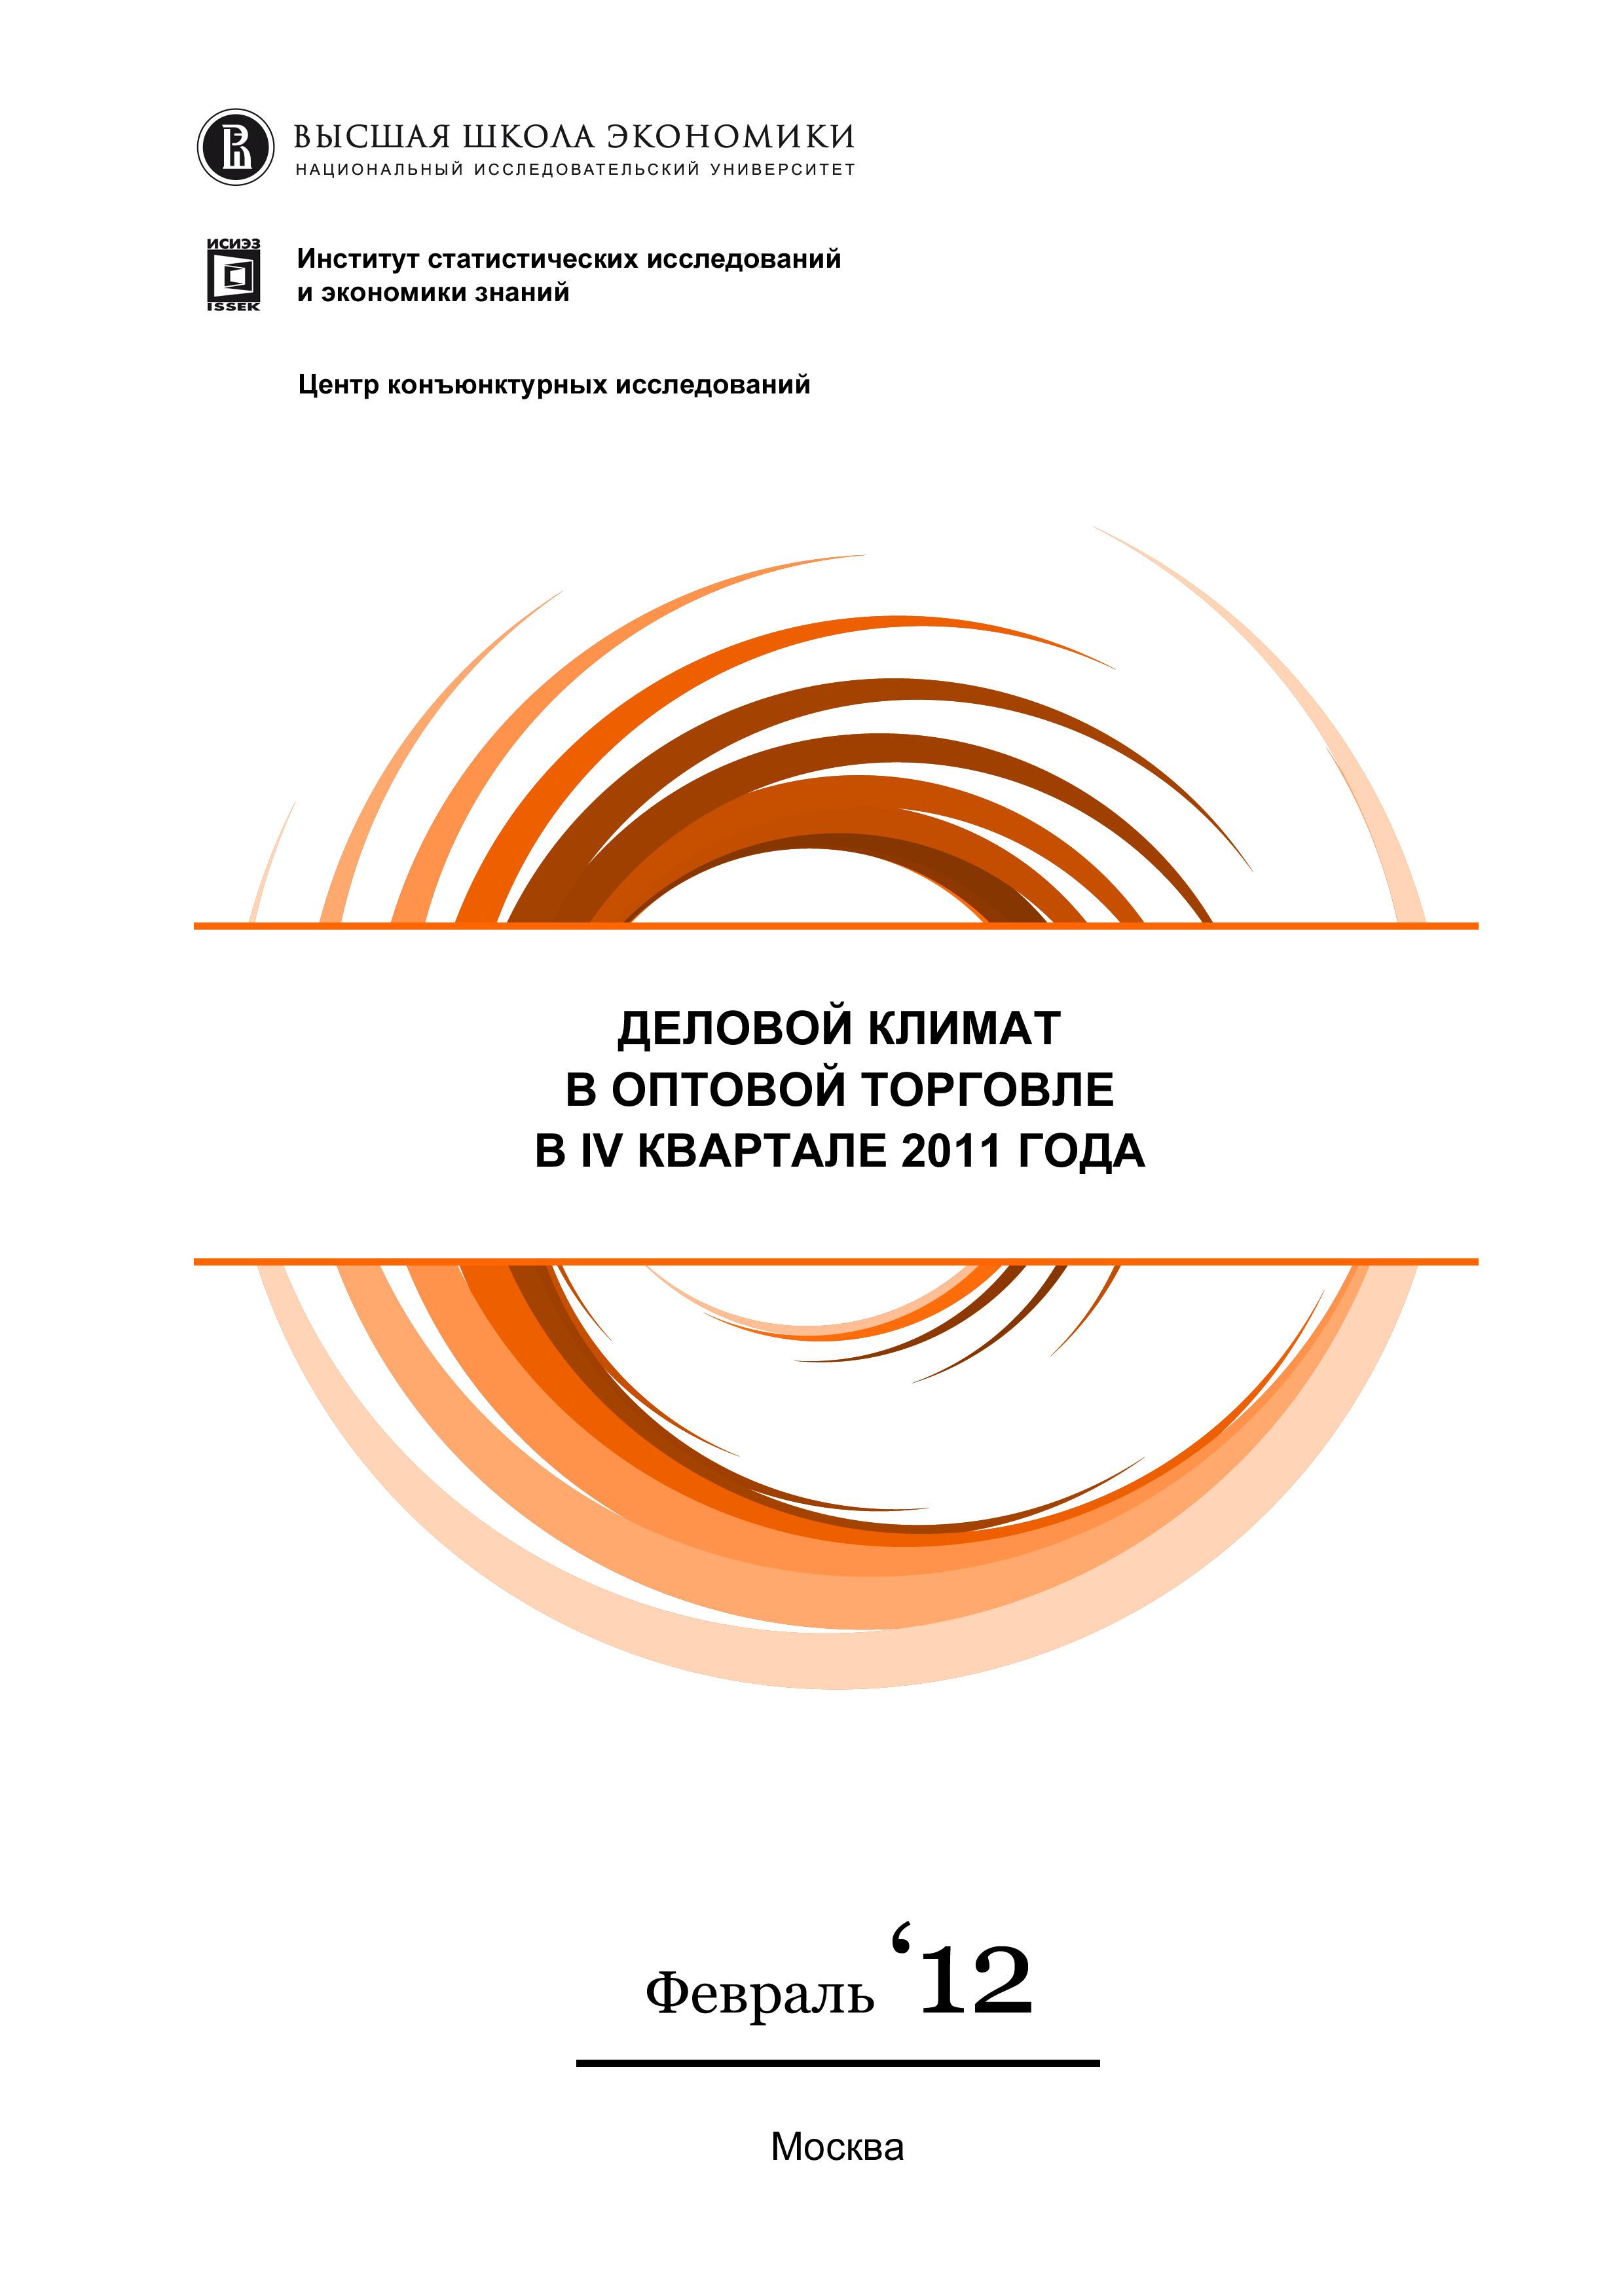 Деловой климат в оптовой торговле в IV квартале 2011 года